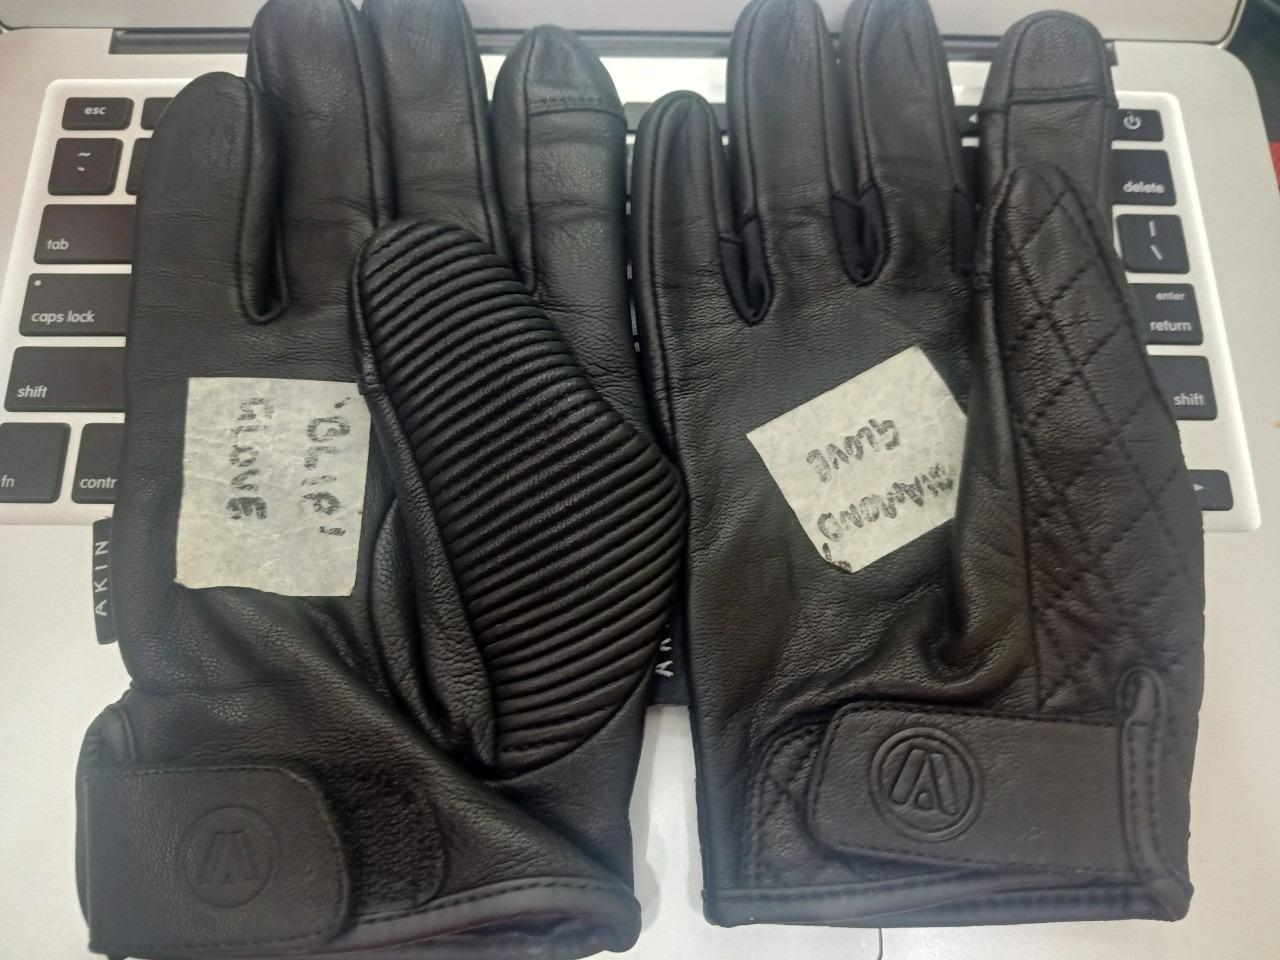 Xưởng bao tay da nam TPHCM, xưởng bao tay da giữ ấm, xưởng bao tay da xịn